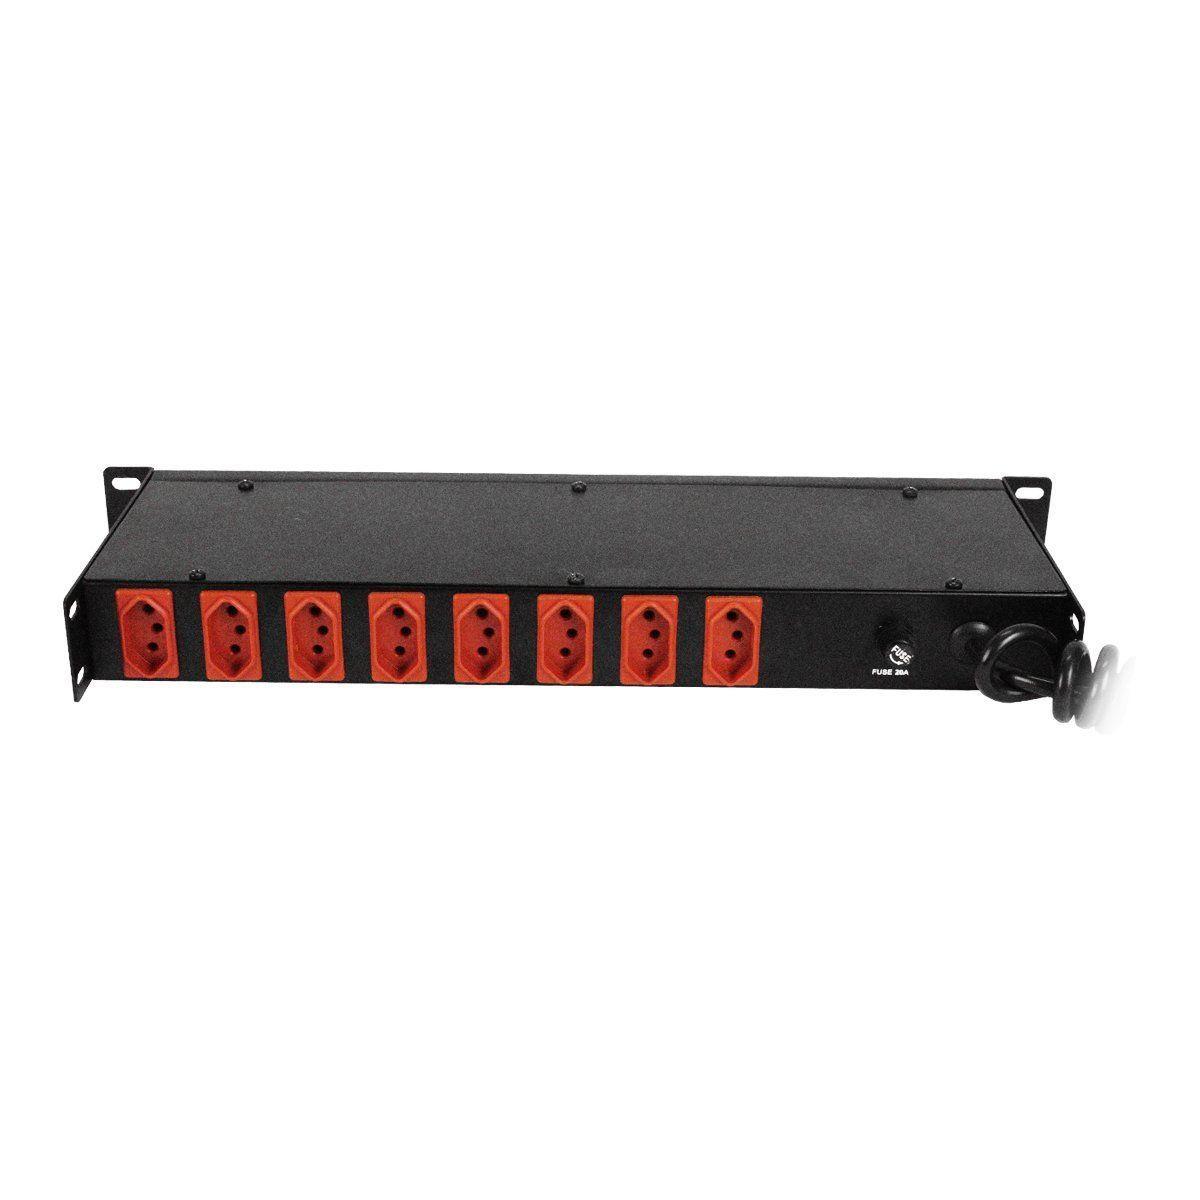 Filtro de Linha 10 Tomadas 5000 Watts com voltimetro indicador de tensão - VOX FT 10T VOXTRON by Techaudio